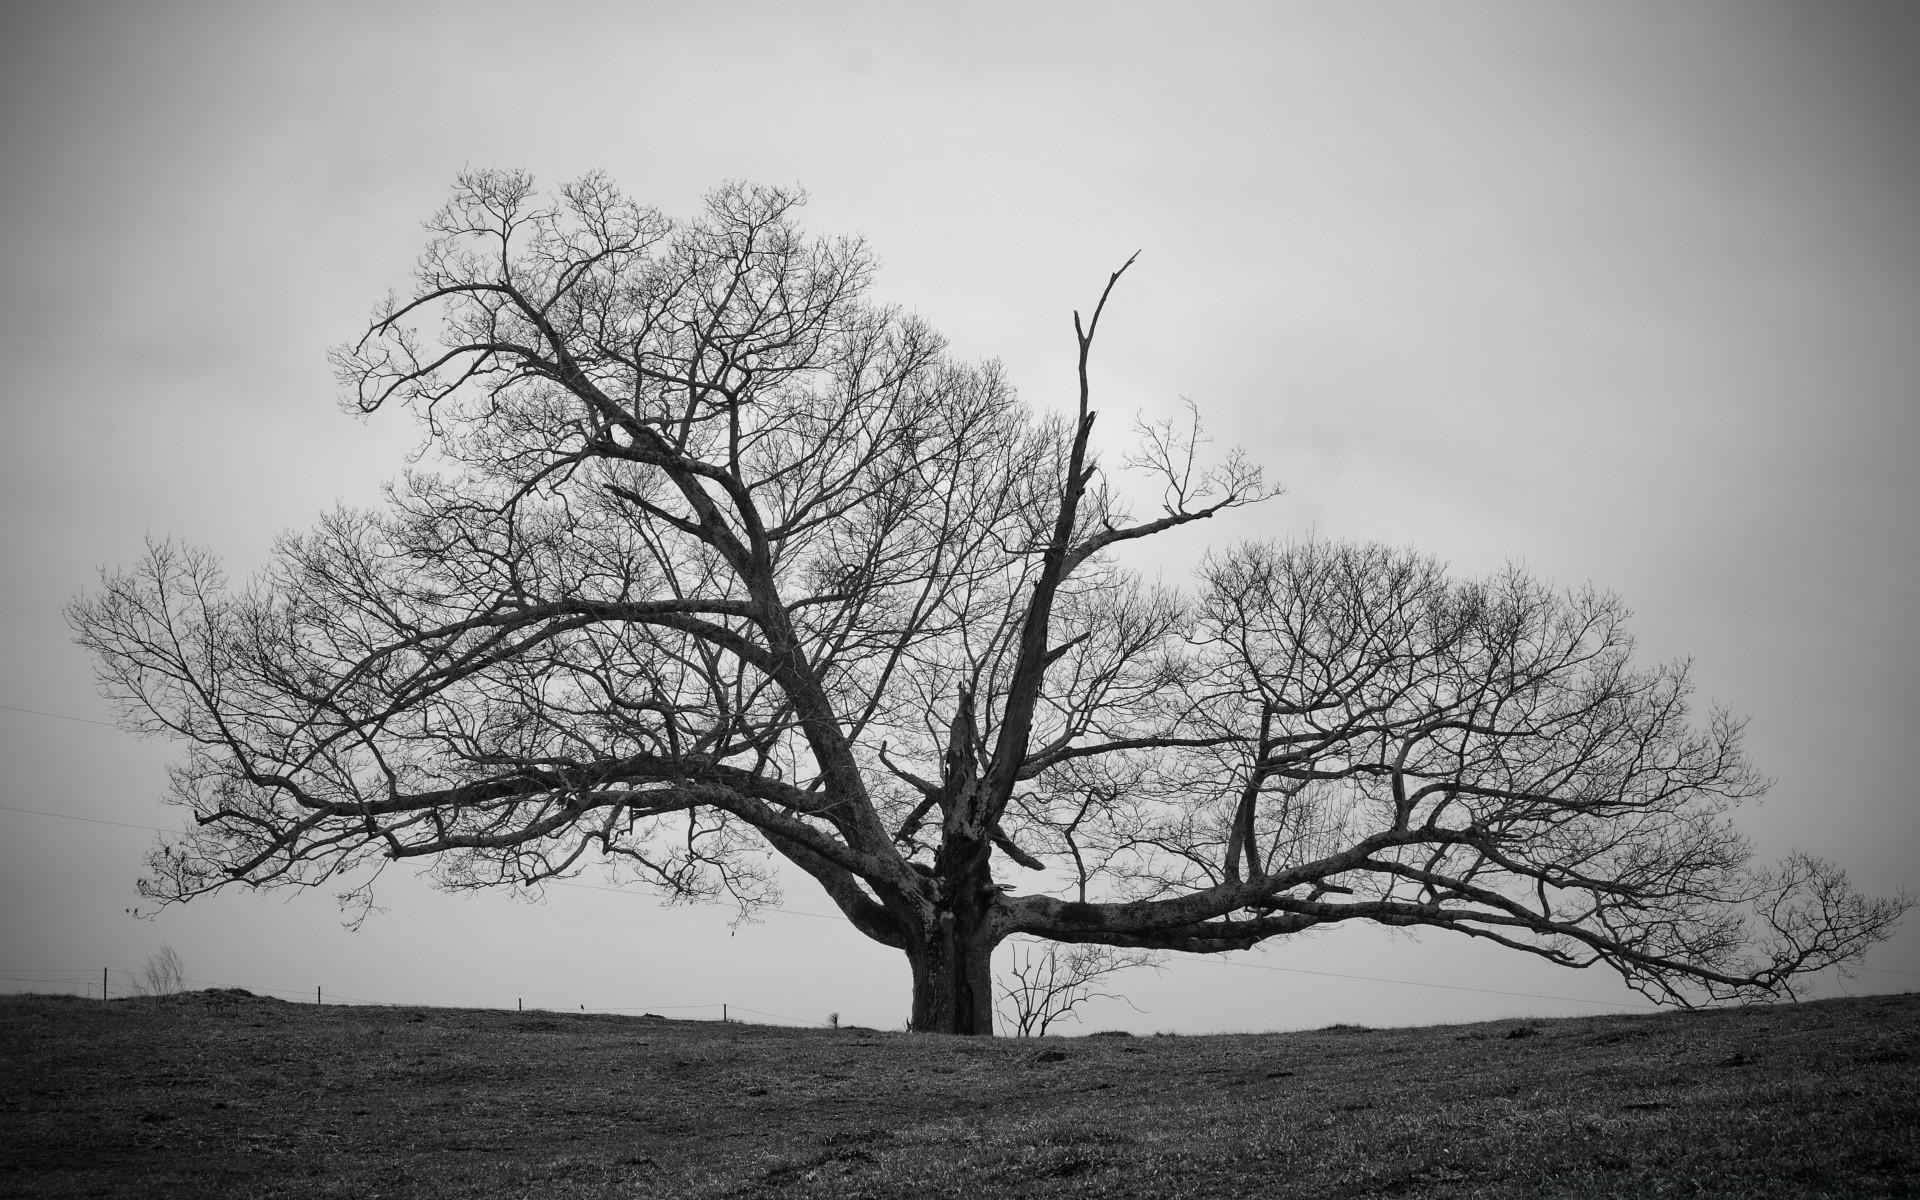 трудно встречаться фотобанк черно белые деревья ядерной